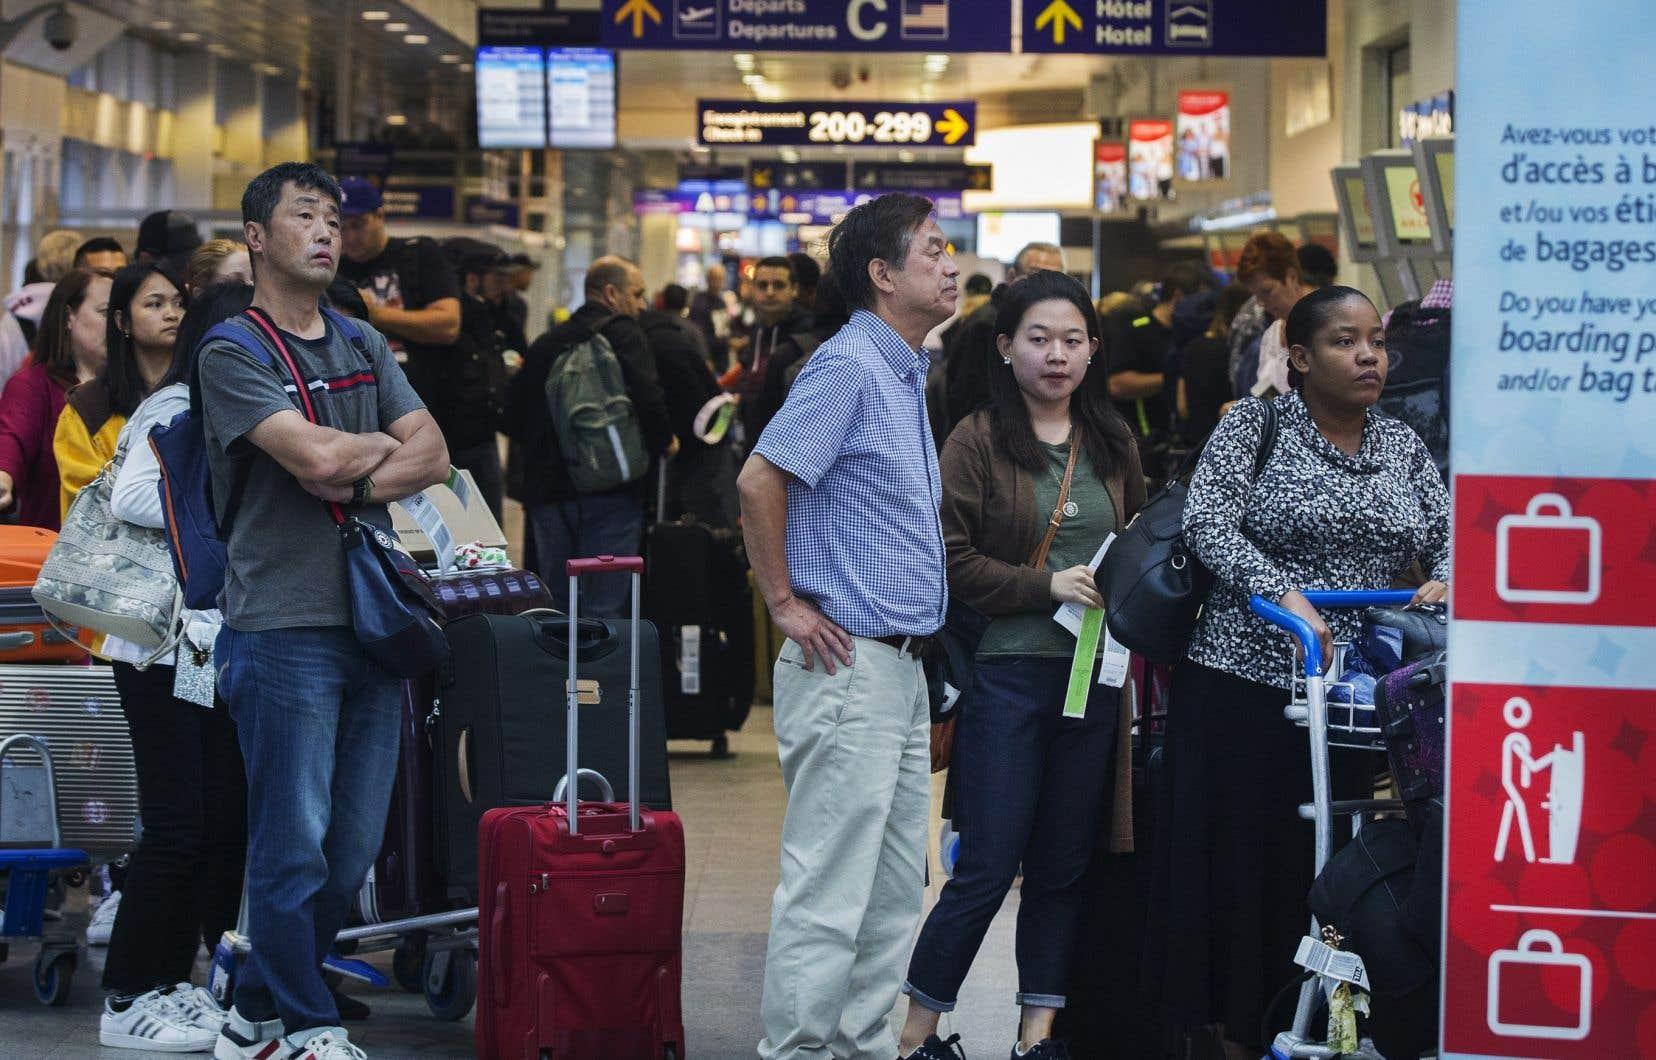 Des centaines de transporteurs ont fait valoir que l'obligation d'indemniser les passagers en cas de vols retardés et de bagages endommagés contrevenait aux normes internationales et devrait être invalidée.